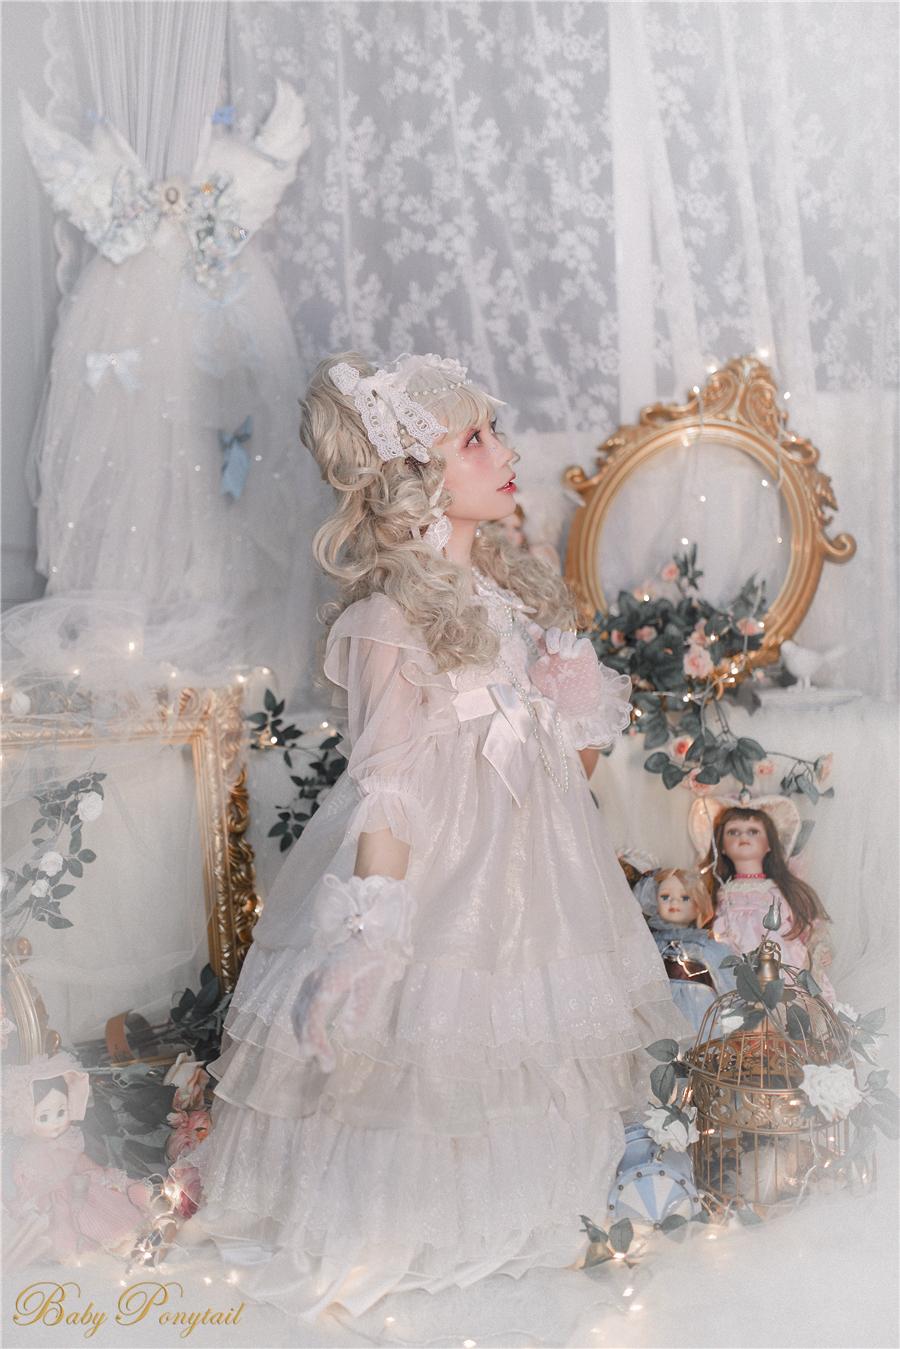 Babyponytail_Model Photo_Present Angel_JSK white_2_Kaka_05.jpg